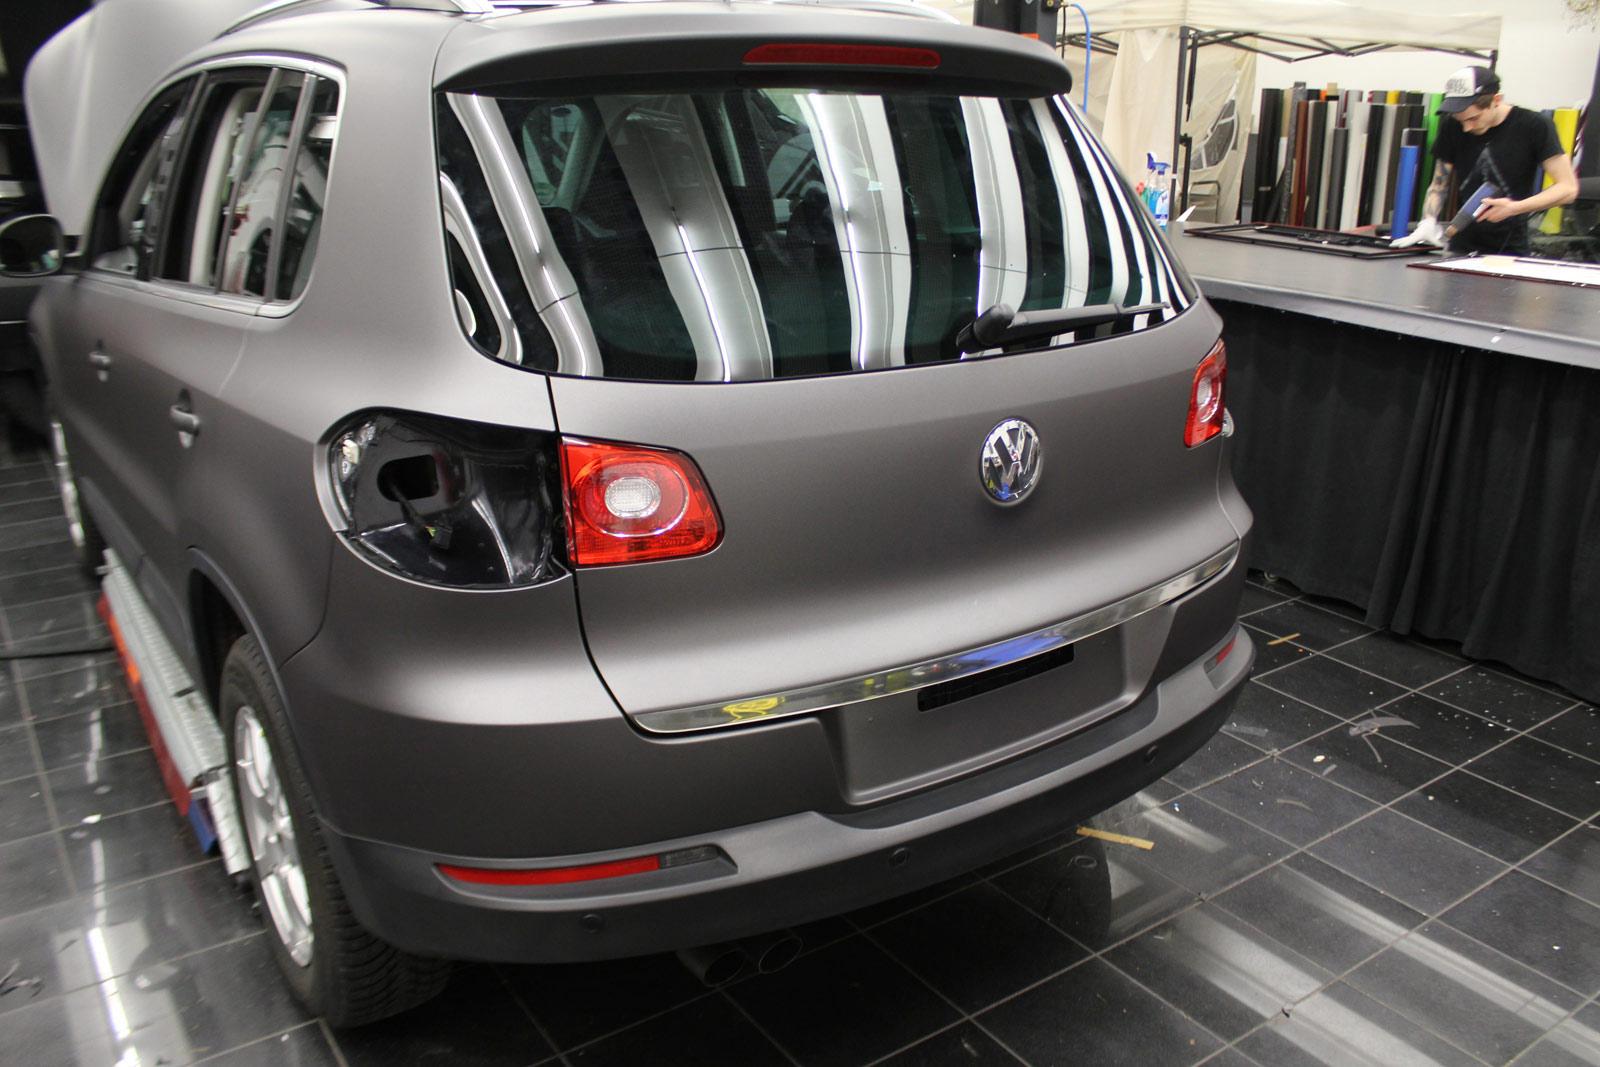 VW_Tiguan_Foliert_Anthrazit_Matt_Metallic_Carbon_Spiegel_05